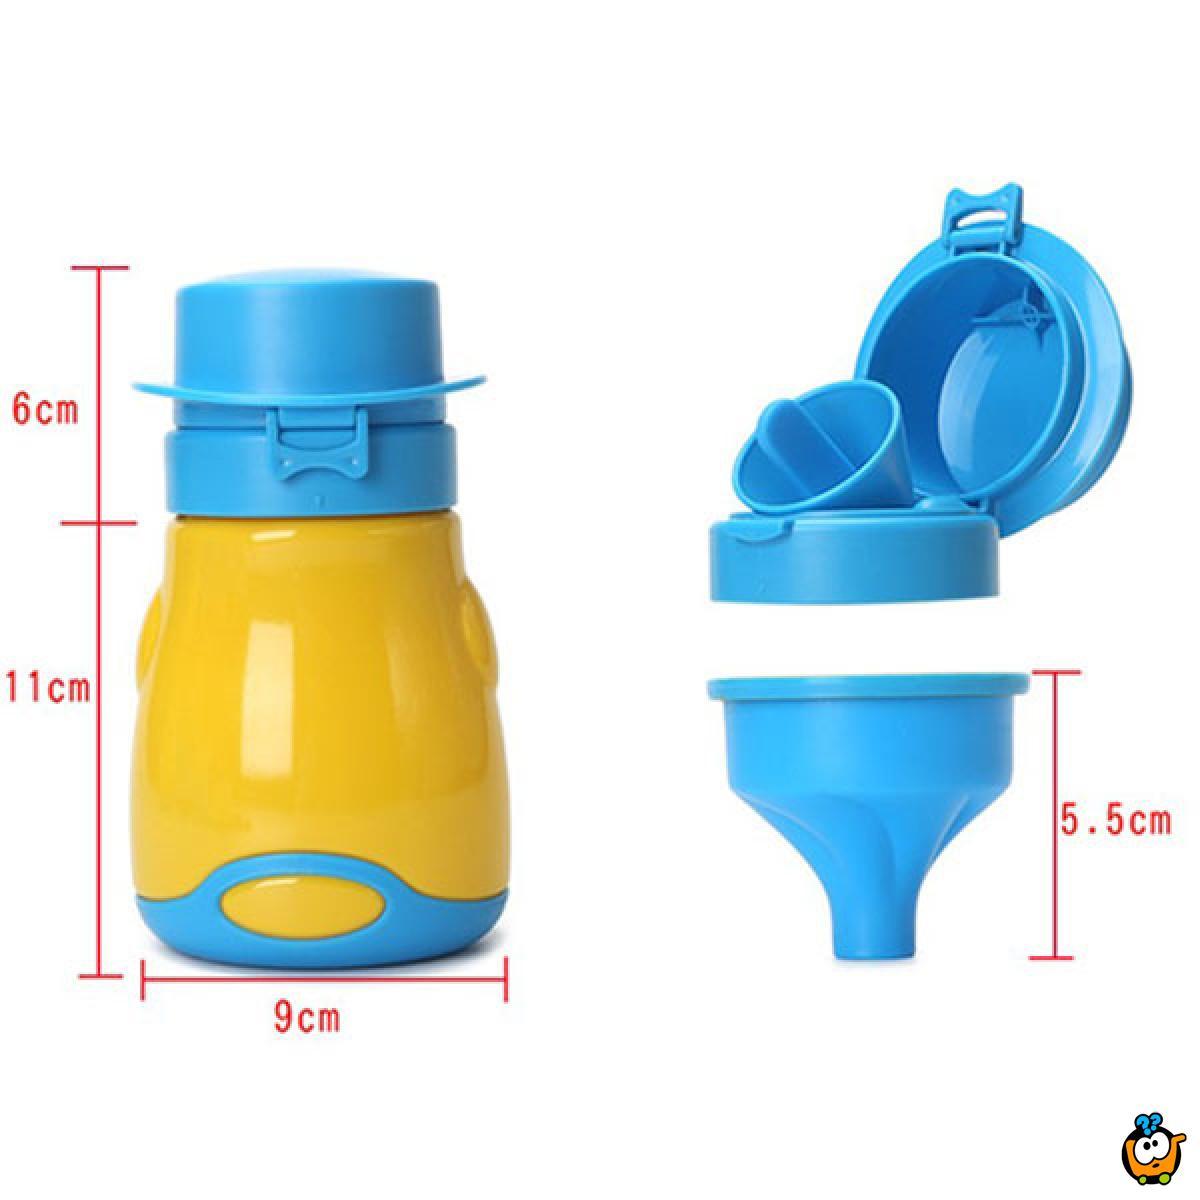 Pee Pot - Prenosiva dečija bočica za mokrenje